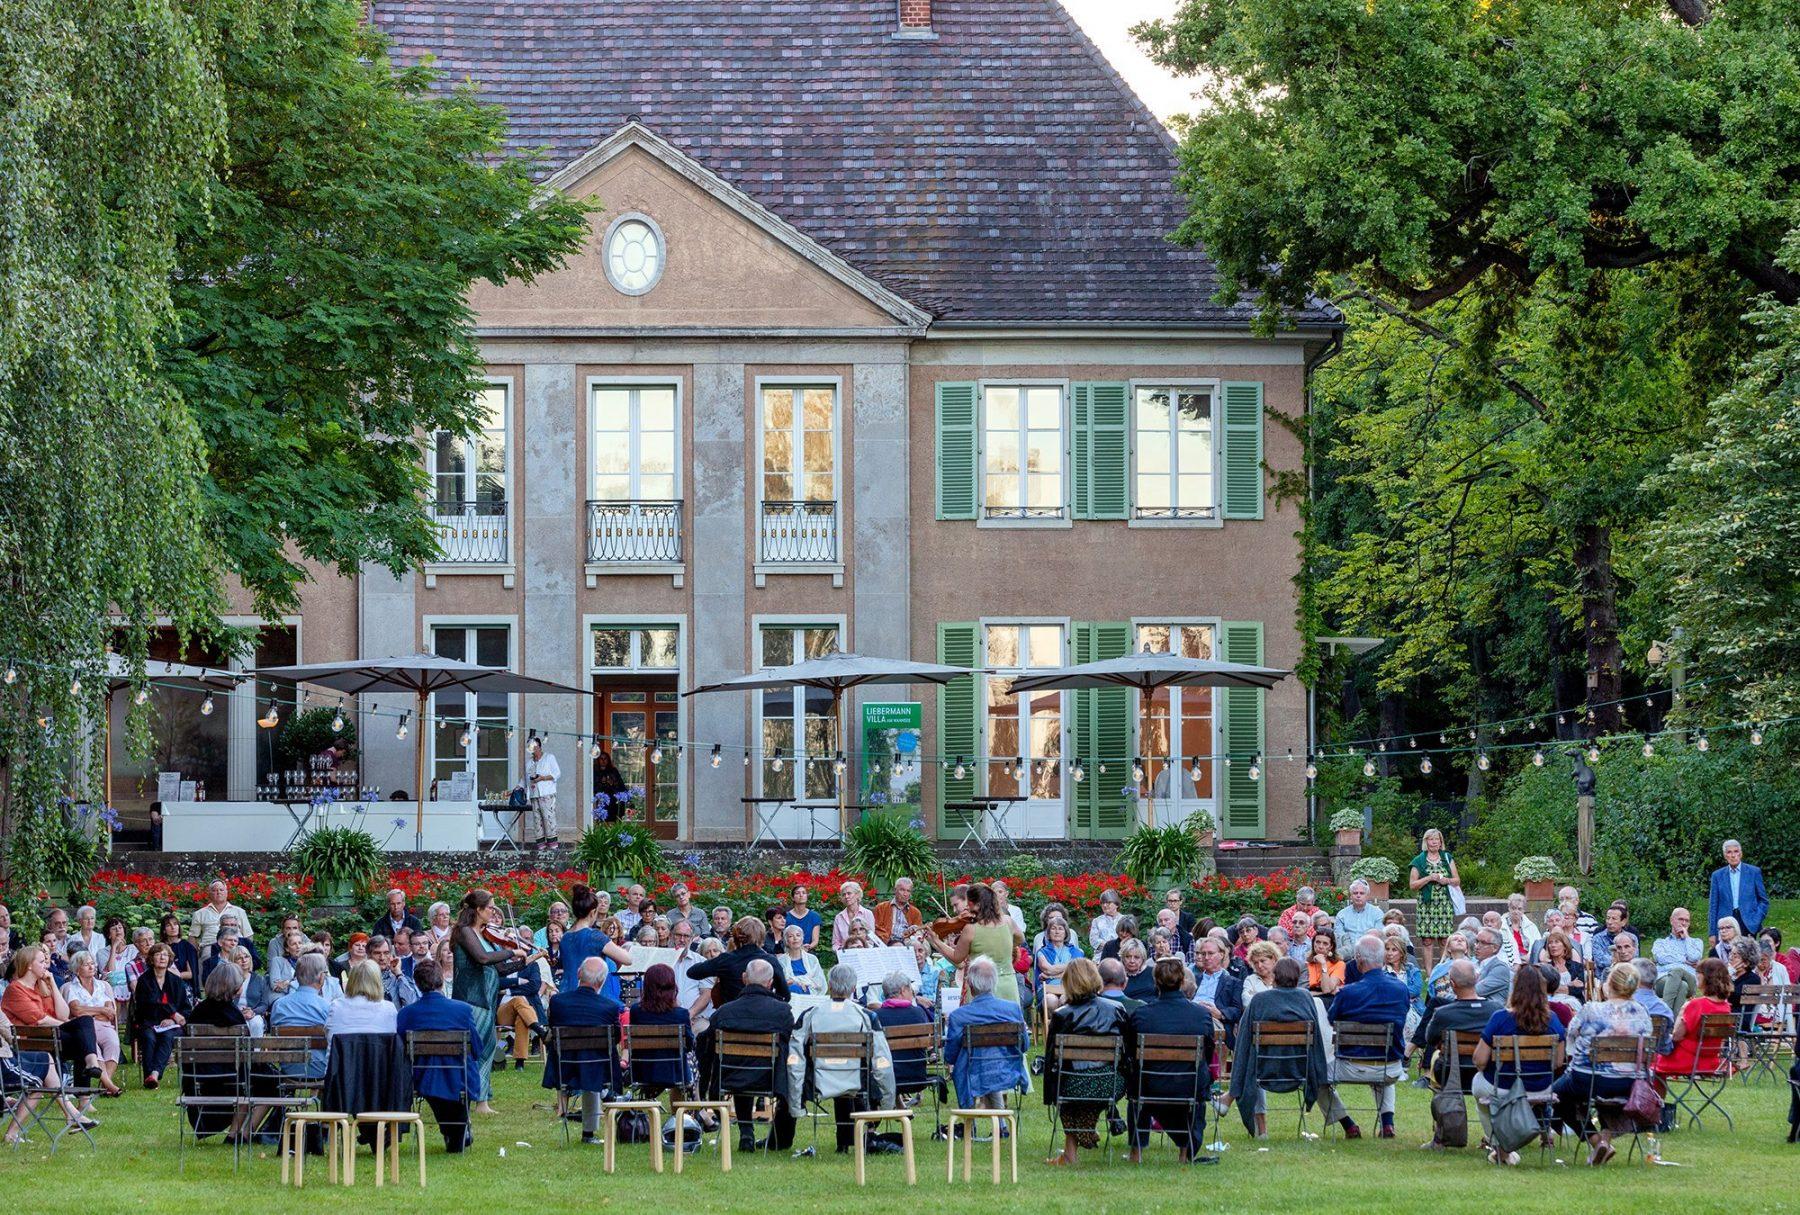 Eine große Gruppe Personen sitzt mit dem Rücken zur Kamera im Garten der Liebermann-Villa und schaut in Richtung der seeseitigen Fassade.